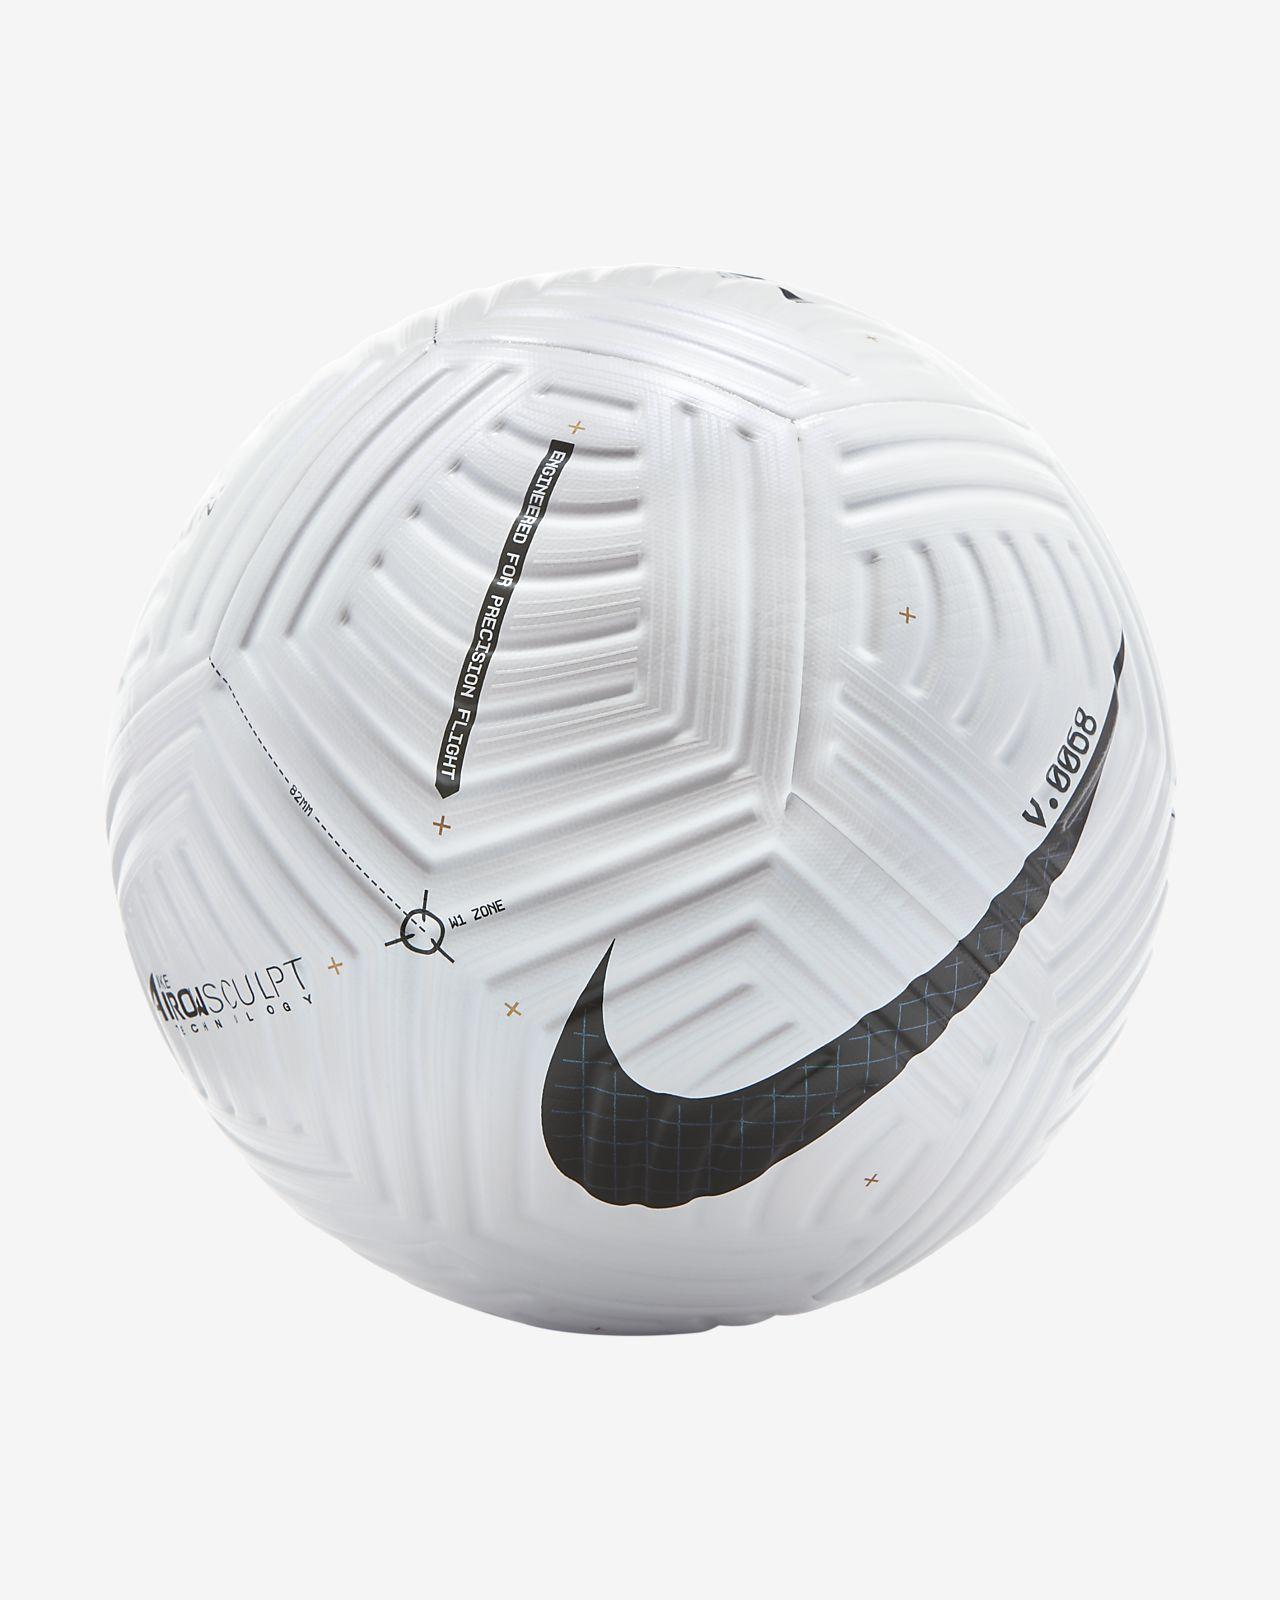 Μπάλα ποδοσφαίρου Nike Flight